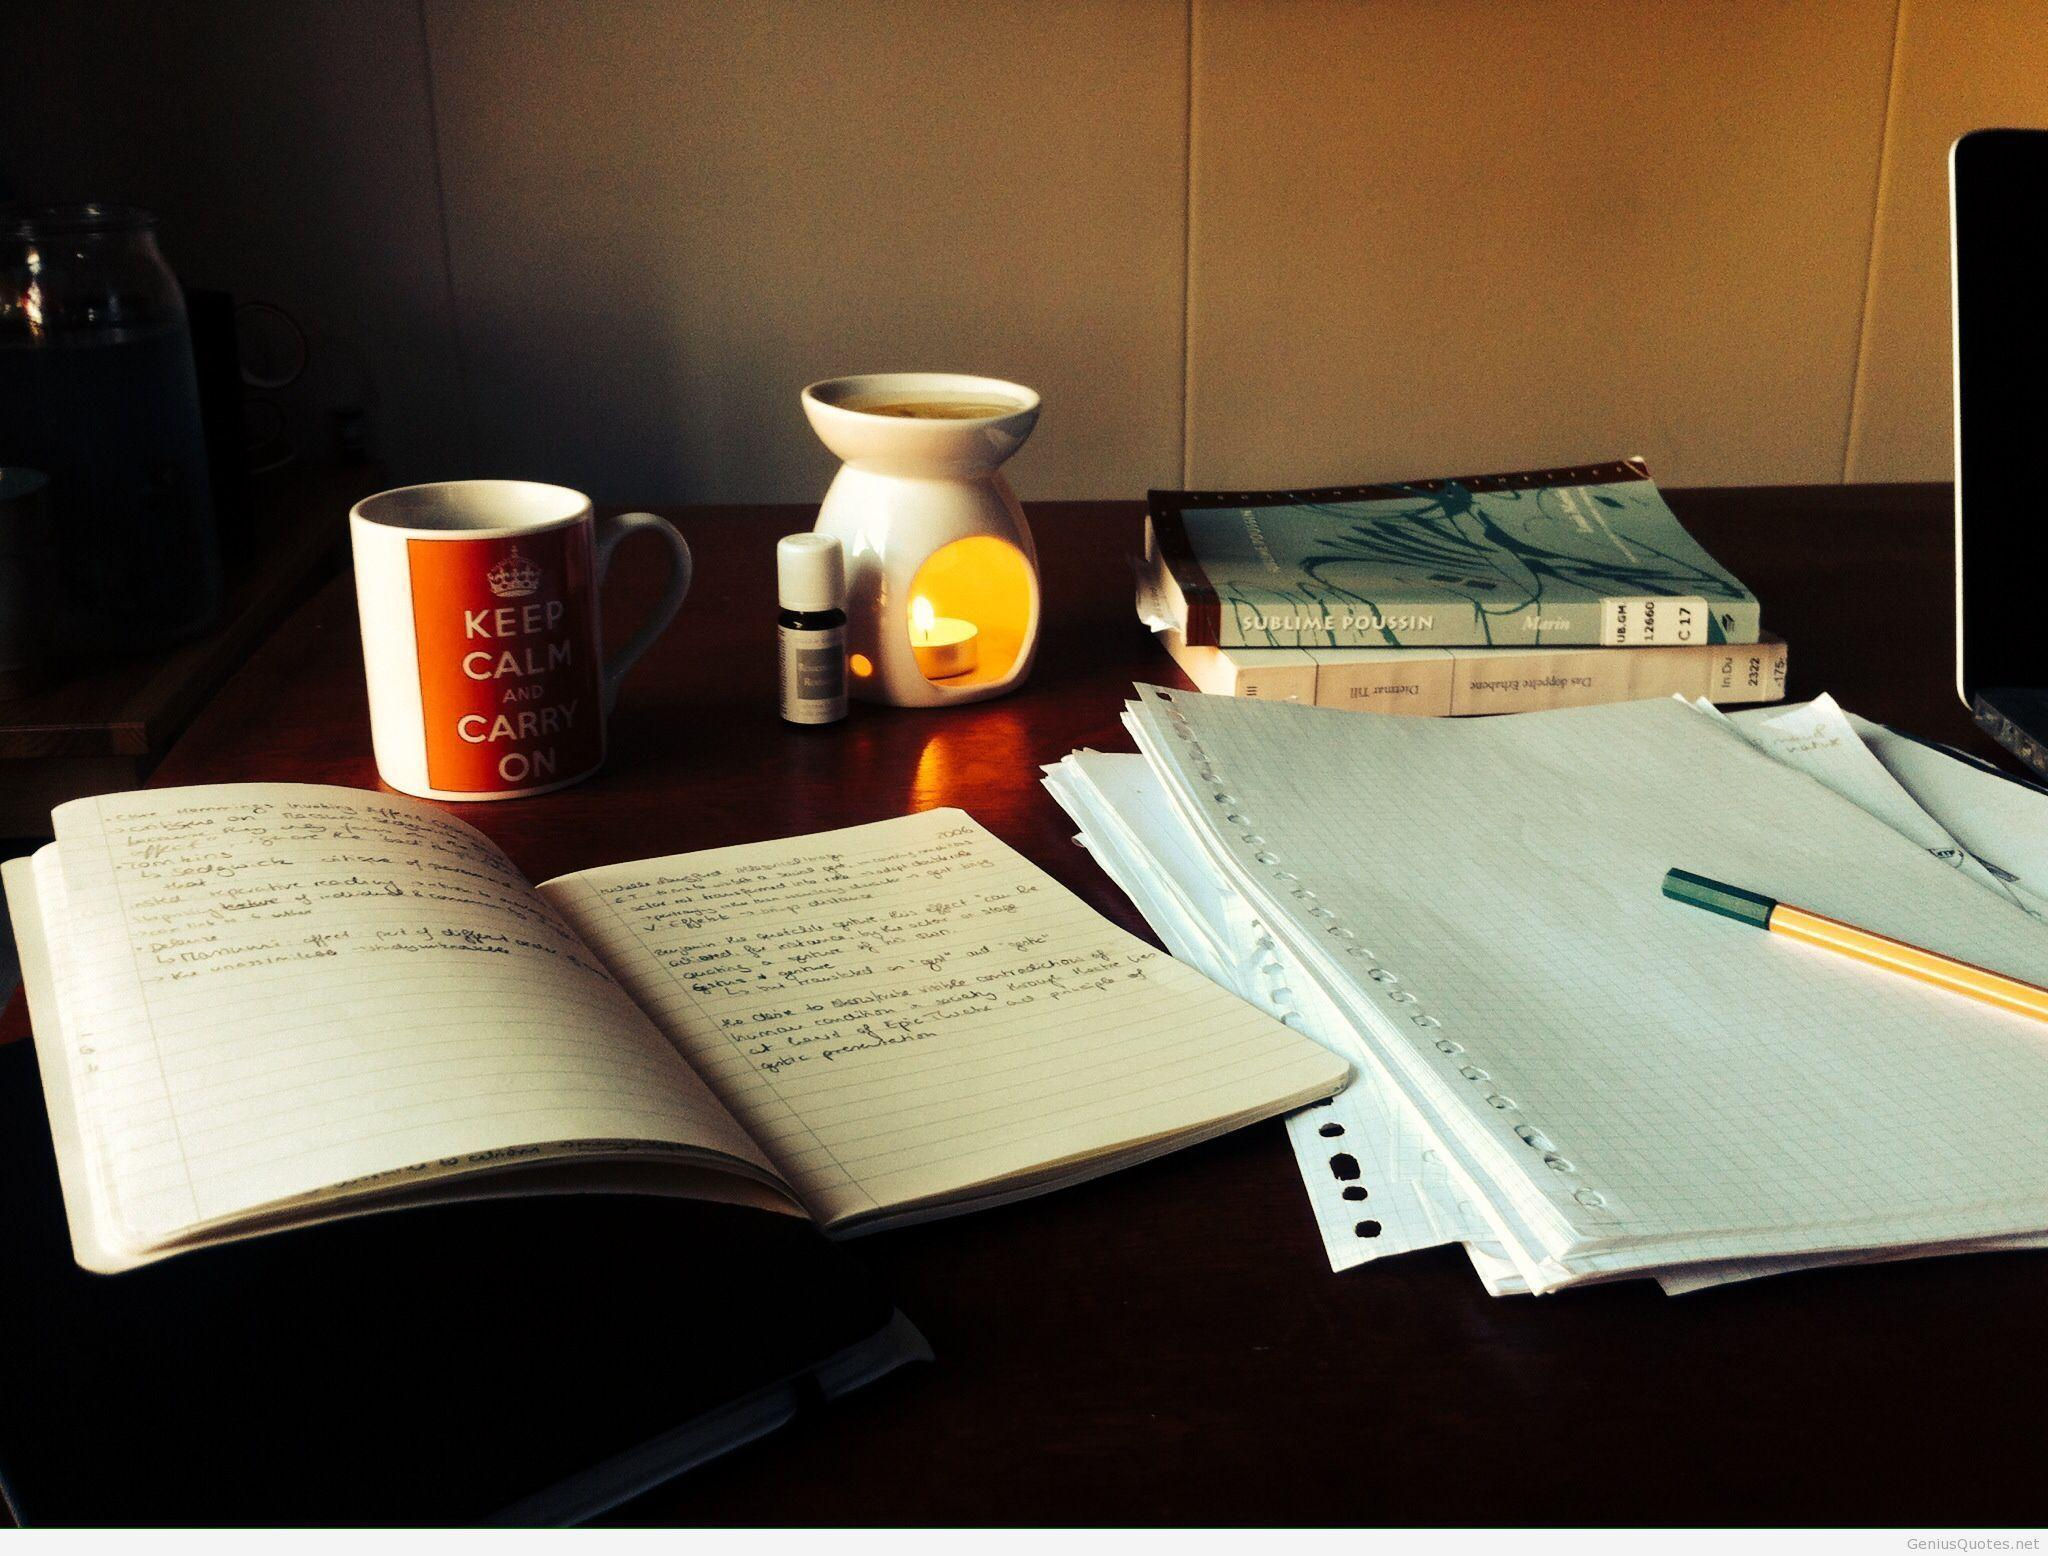 انجام پایان نامه مدیریت آموزشی | انجام پایان نامه کارشناسی ارشد و دکتری مدیریت آموزشی